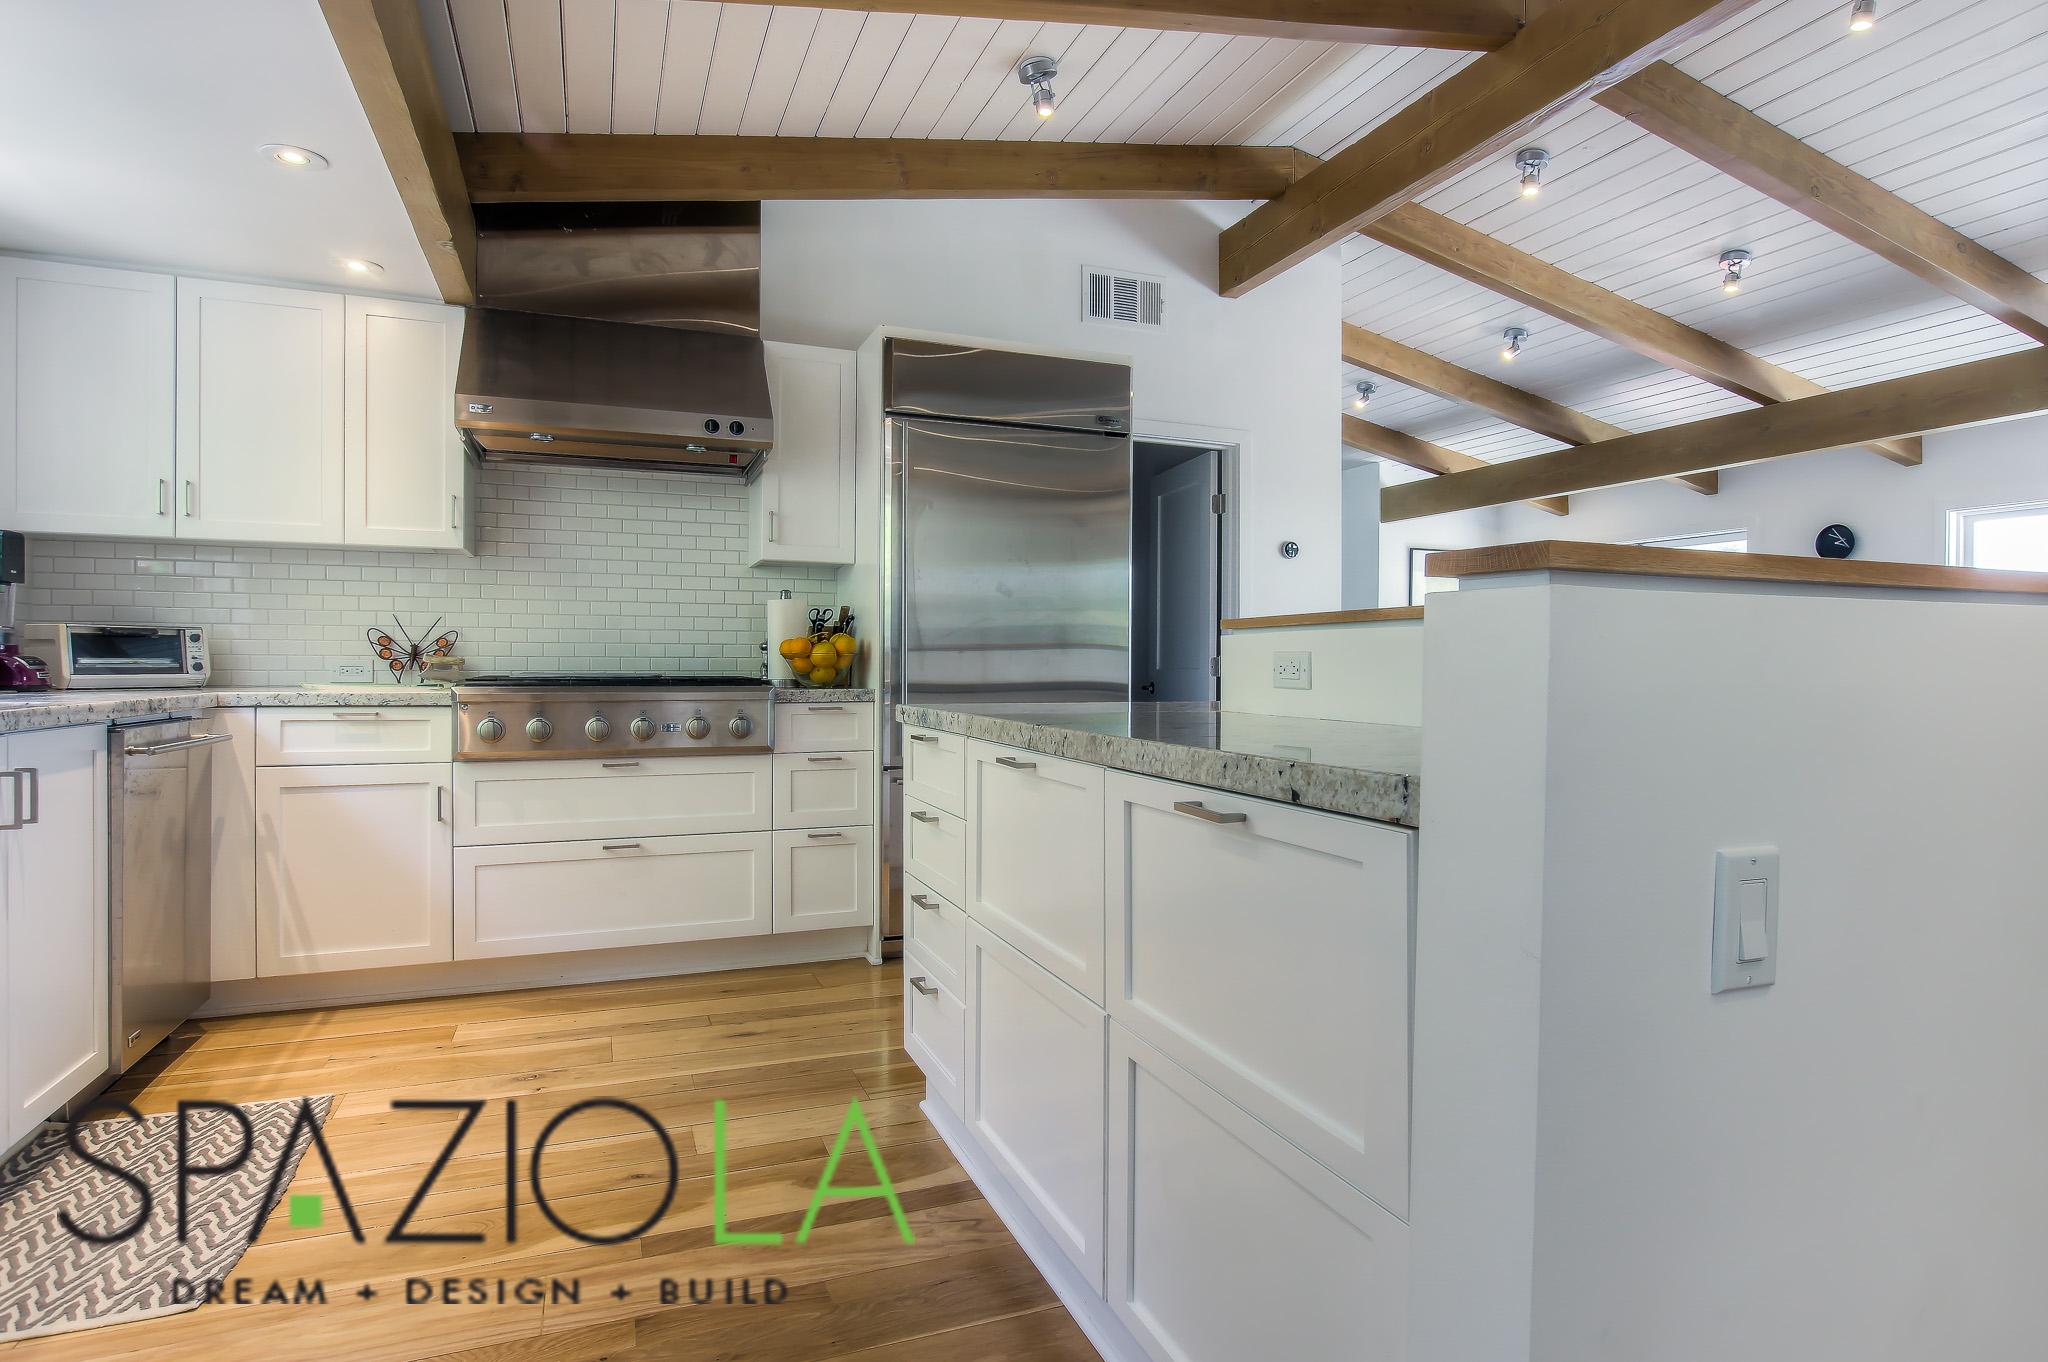 abargo-kitchen-spazio.png